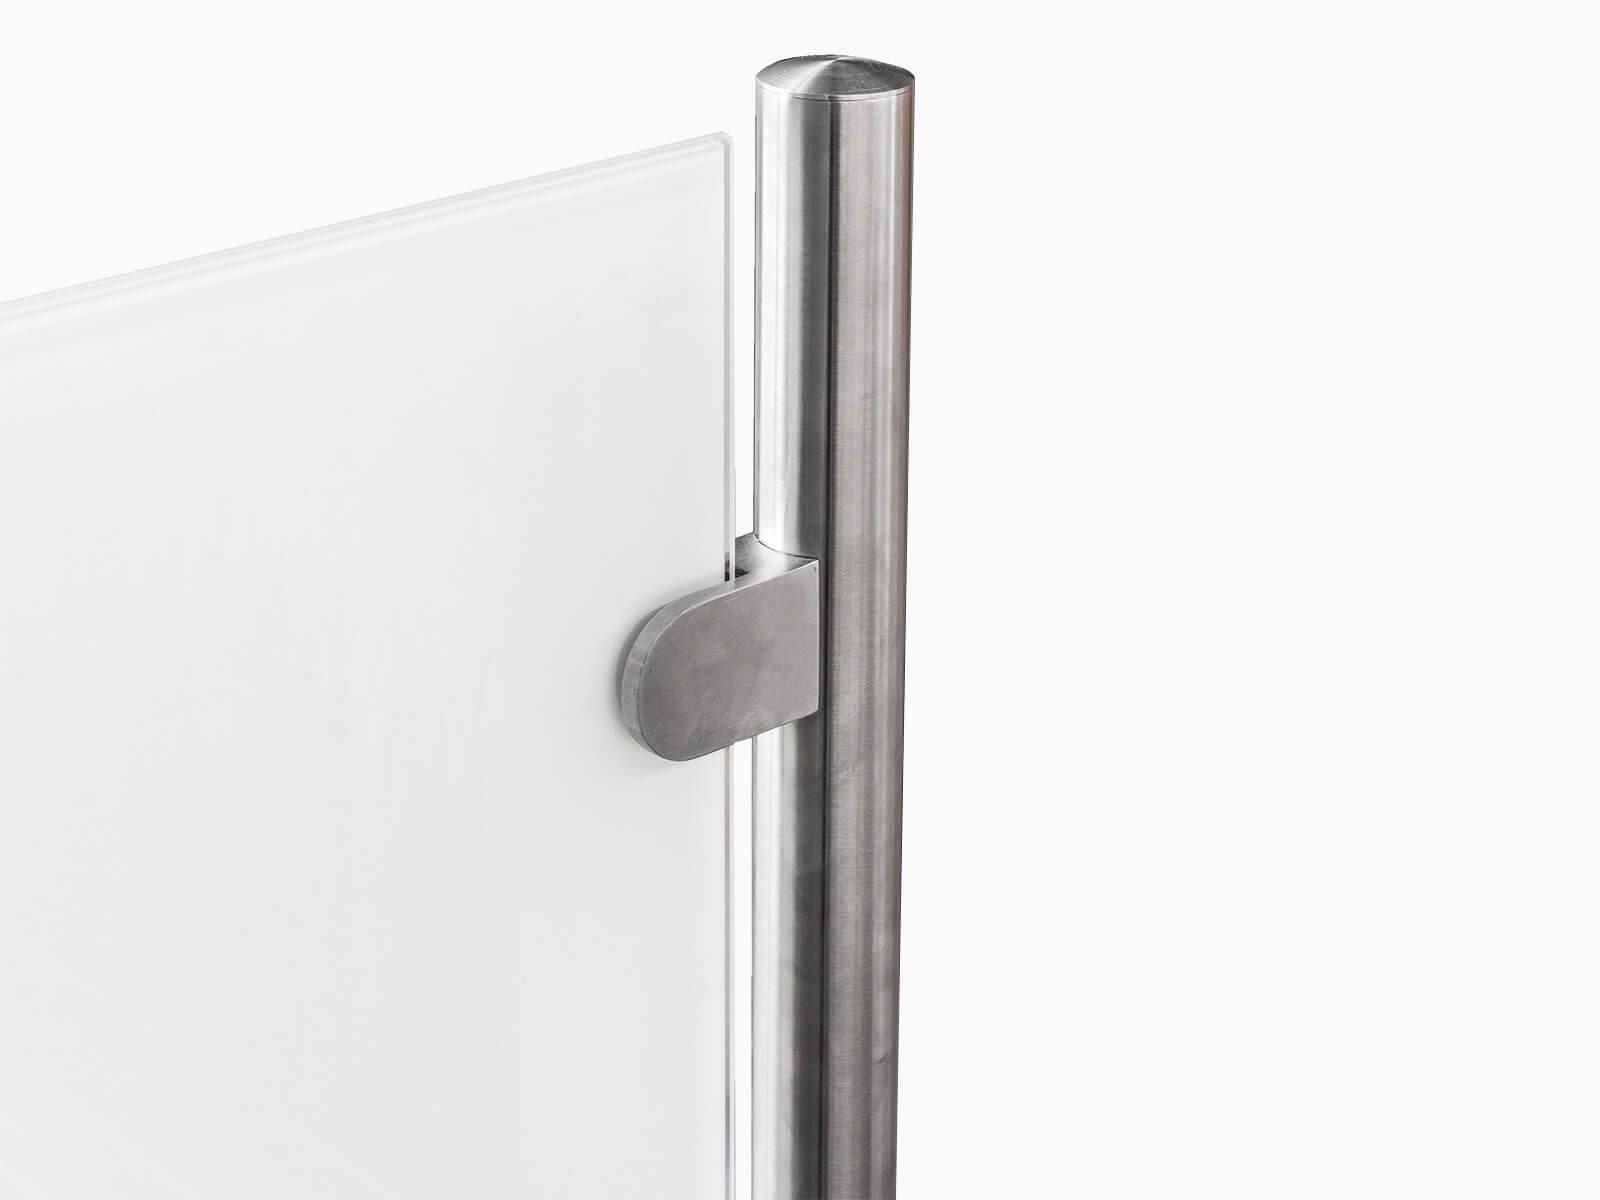 pfostensystem-transvent-mit-seitlichen-glasklemmen-fuer-die-befestigung-vom-glas